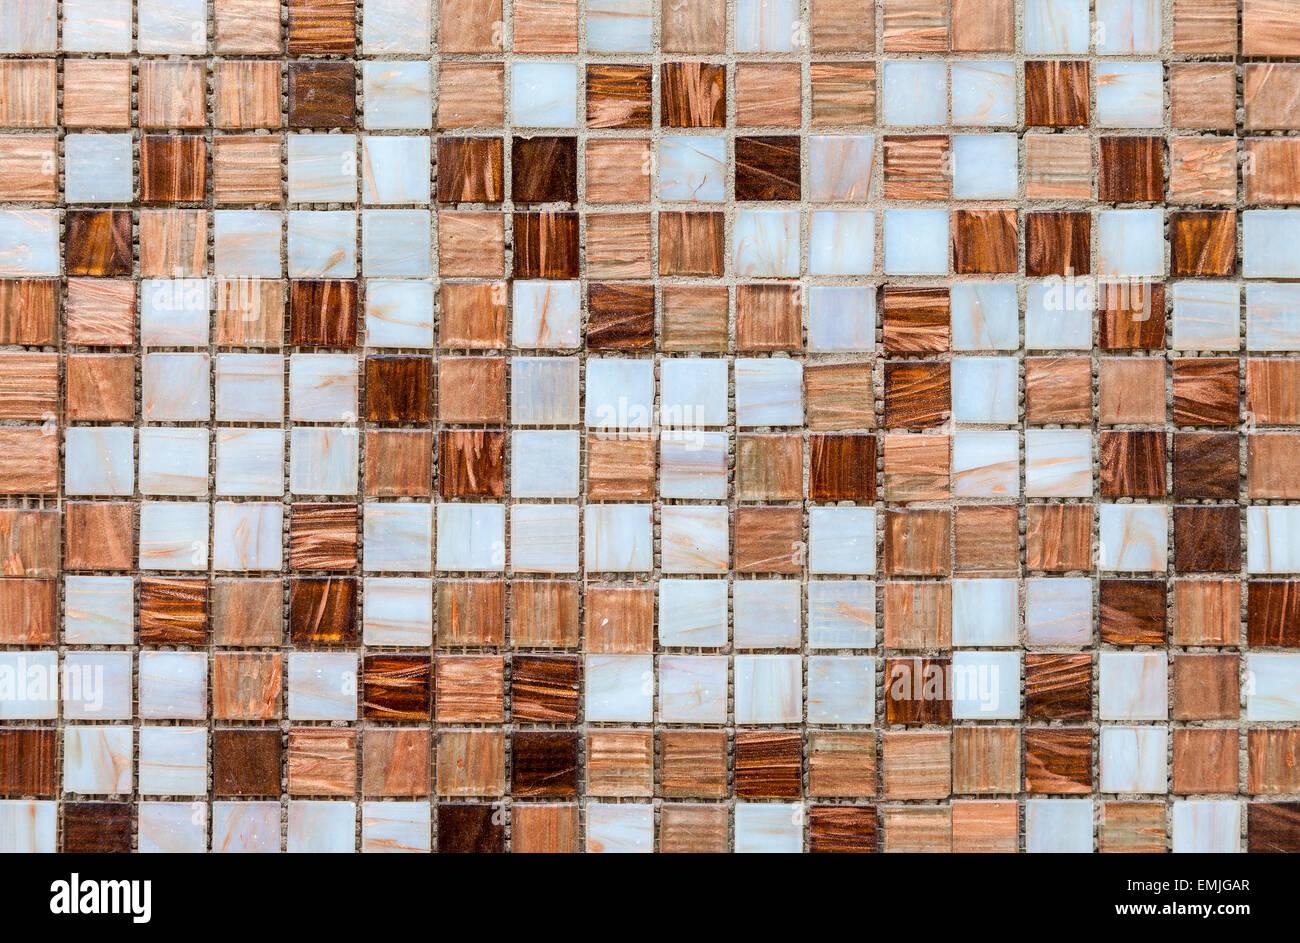 Vetro ceramica colorate piastrelle a mosaico pattern di